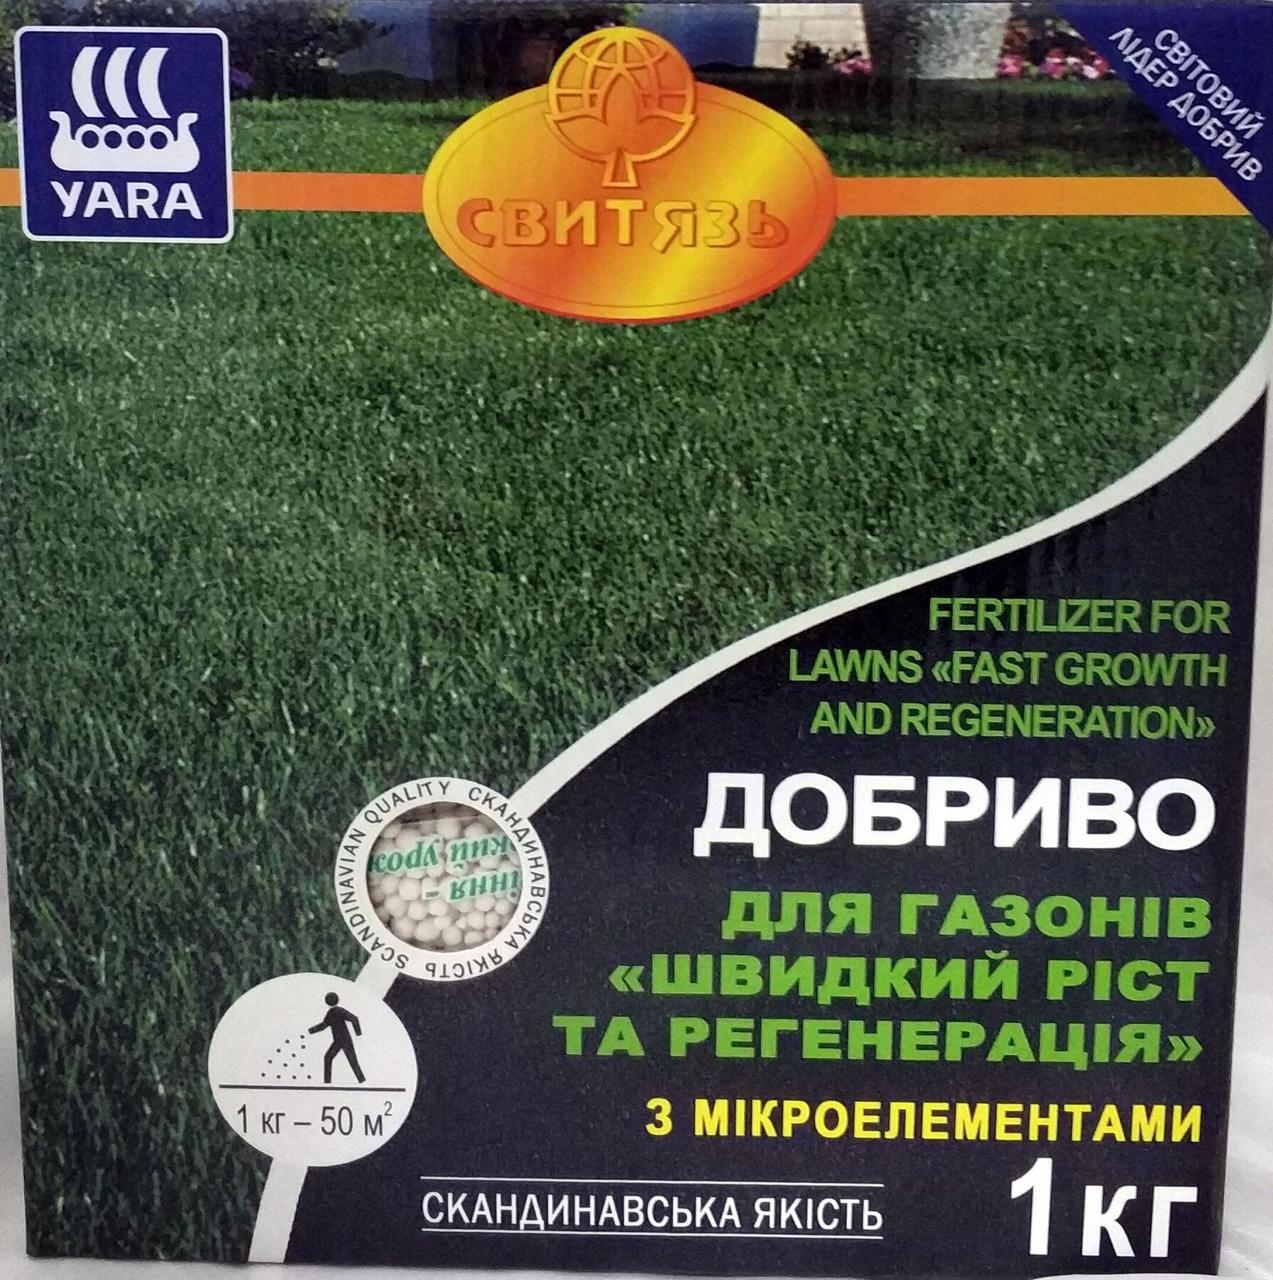 Добриво Яра для газонів швидкий ріст 1кг